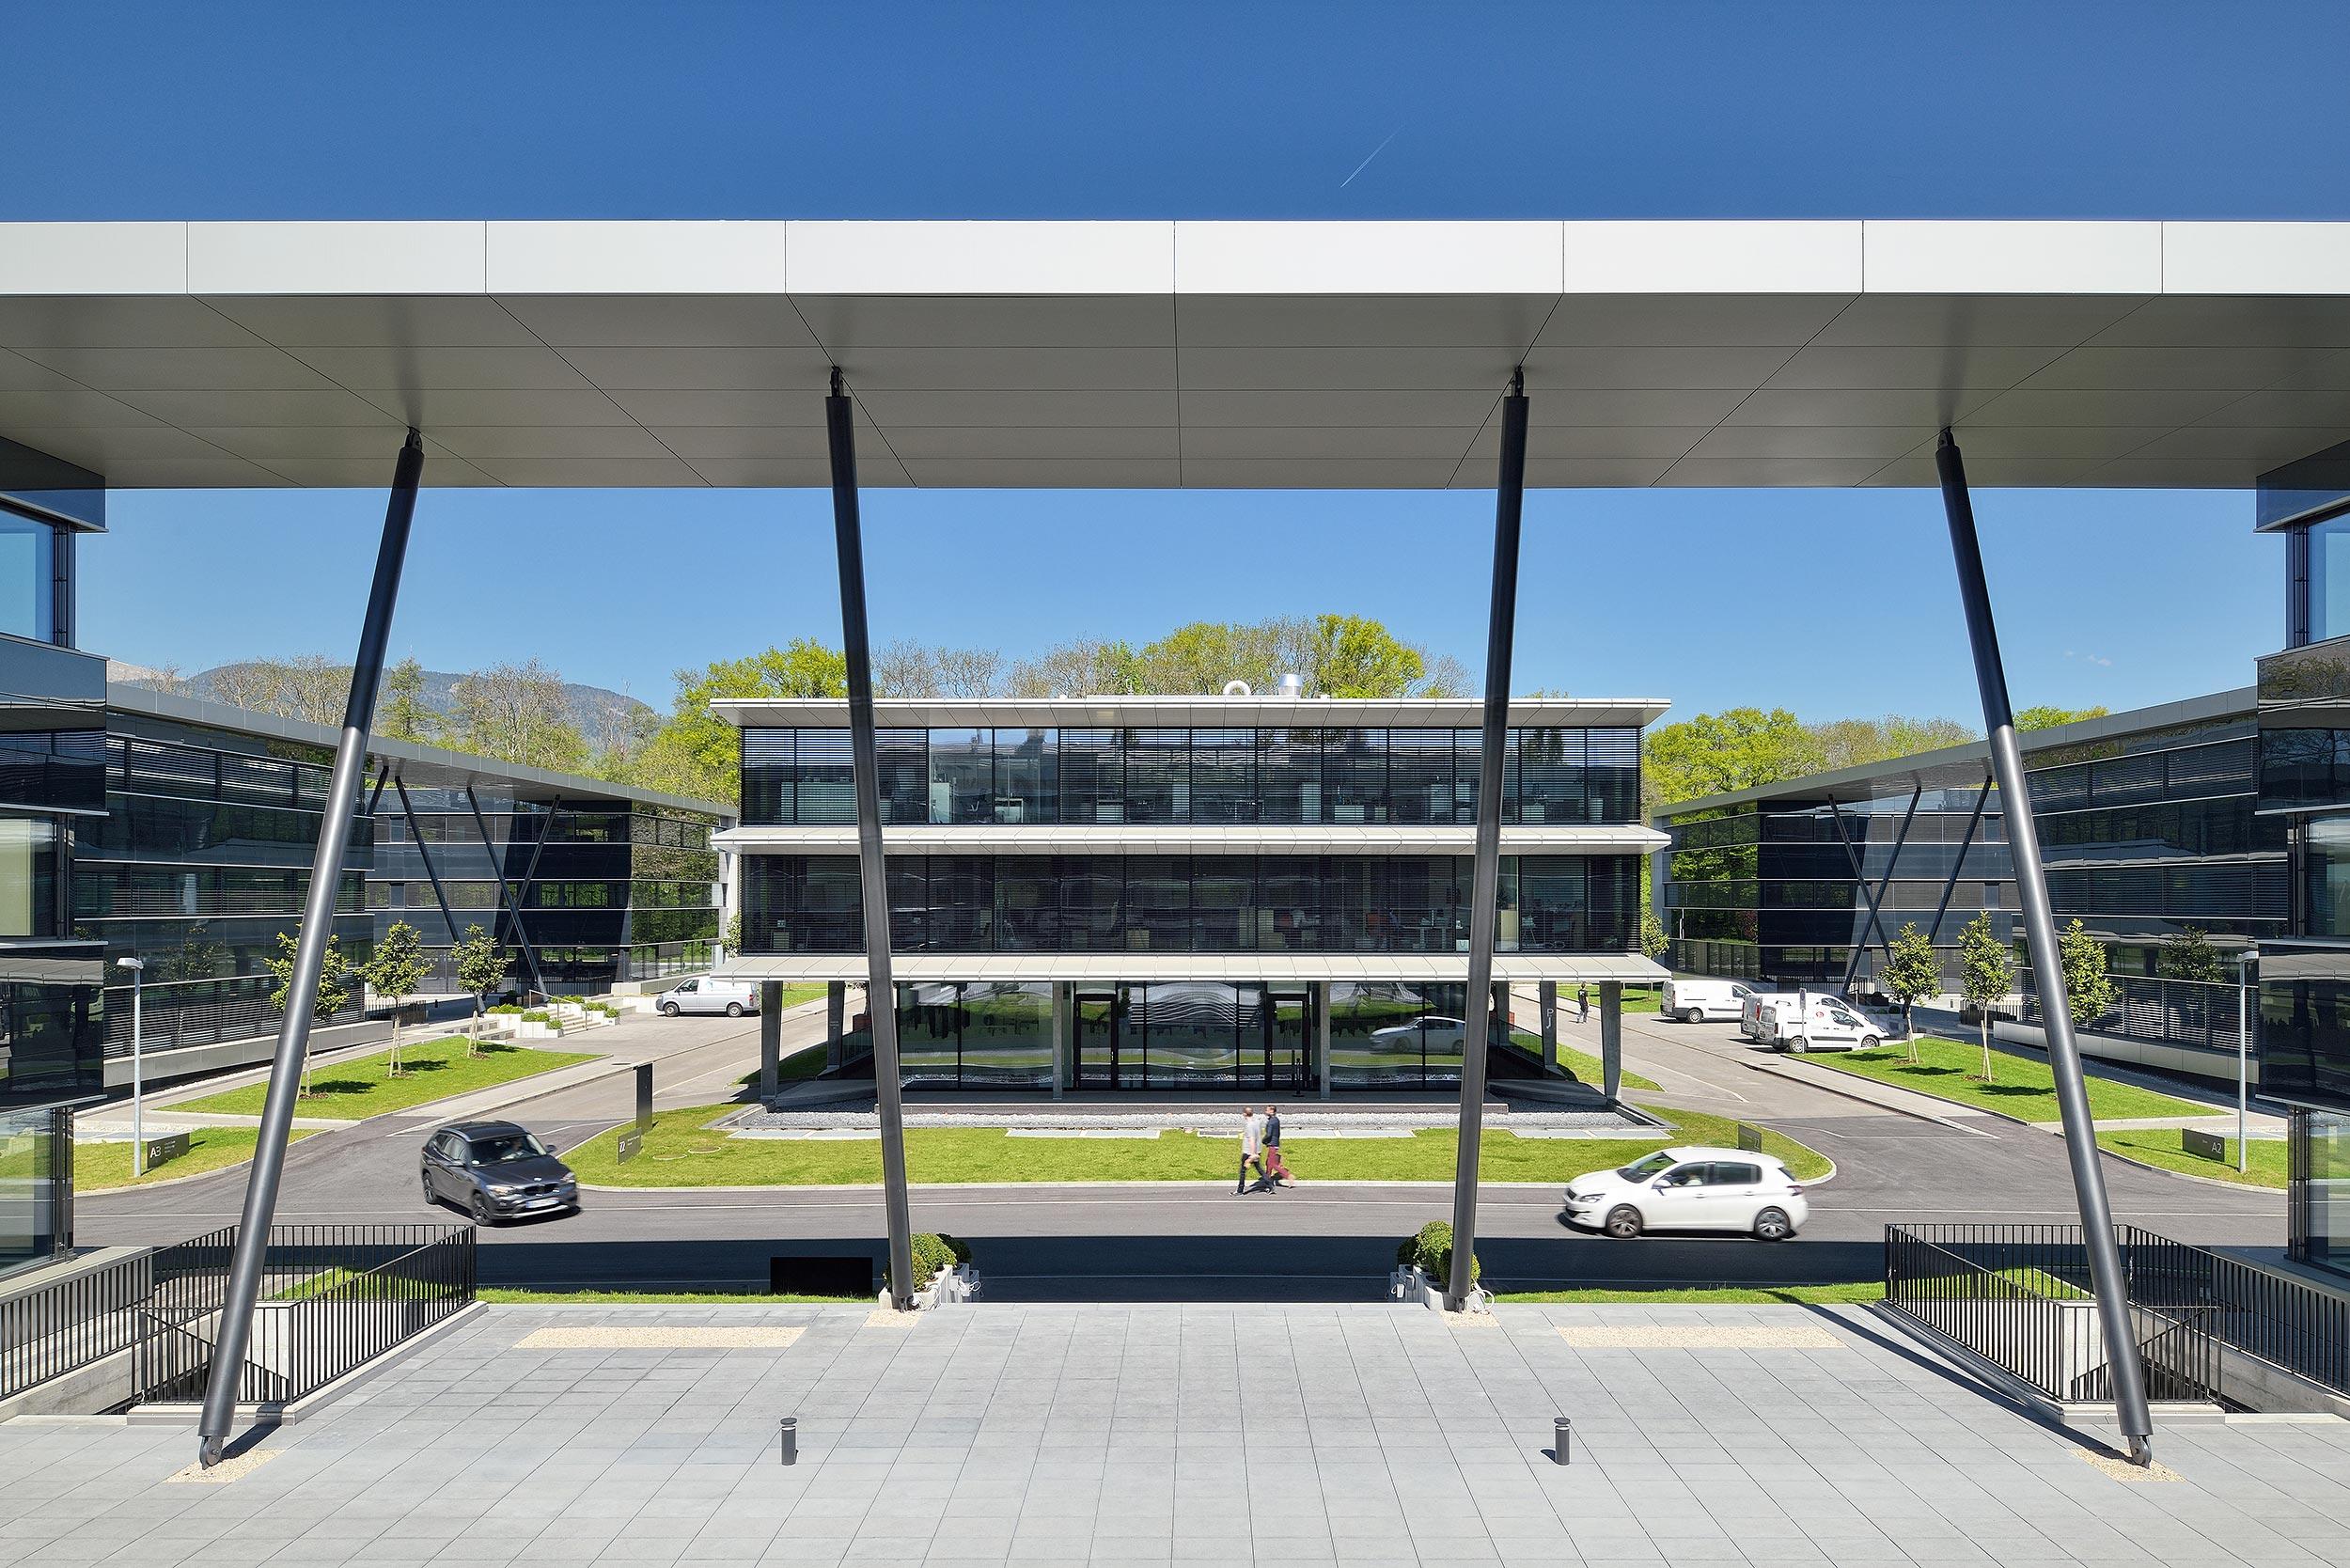 Kantorenpark Terre Bonne Park in Zwitserland - Architectuurfotograaf Chiel de Nooyer